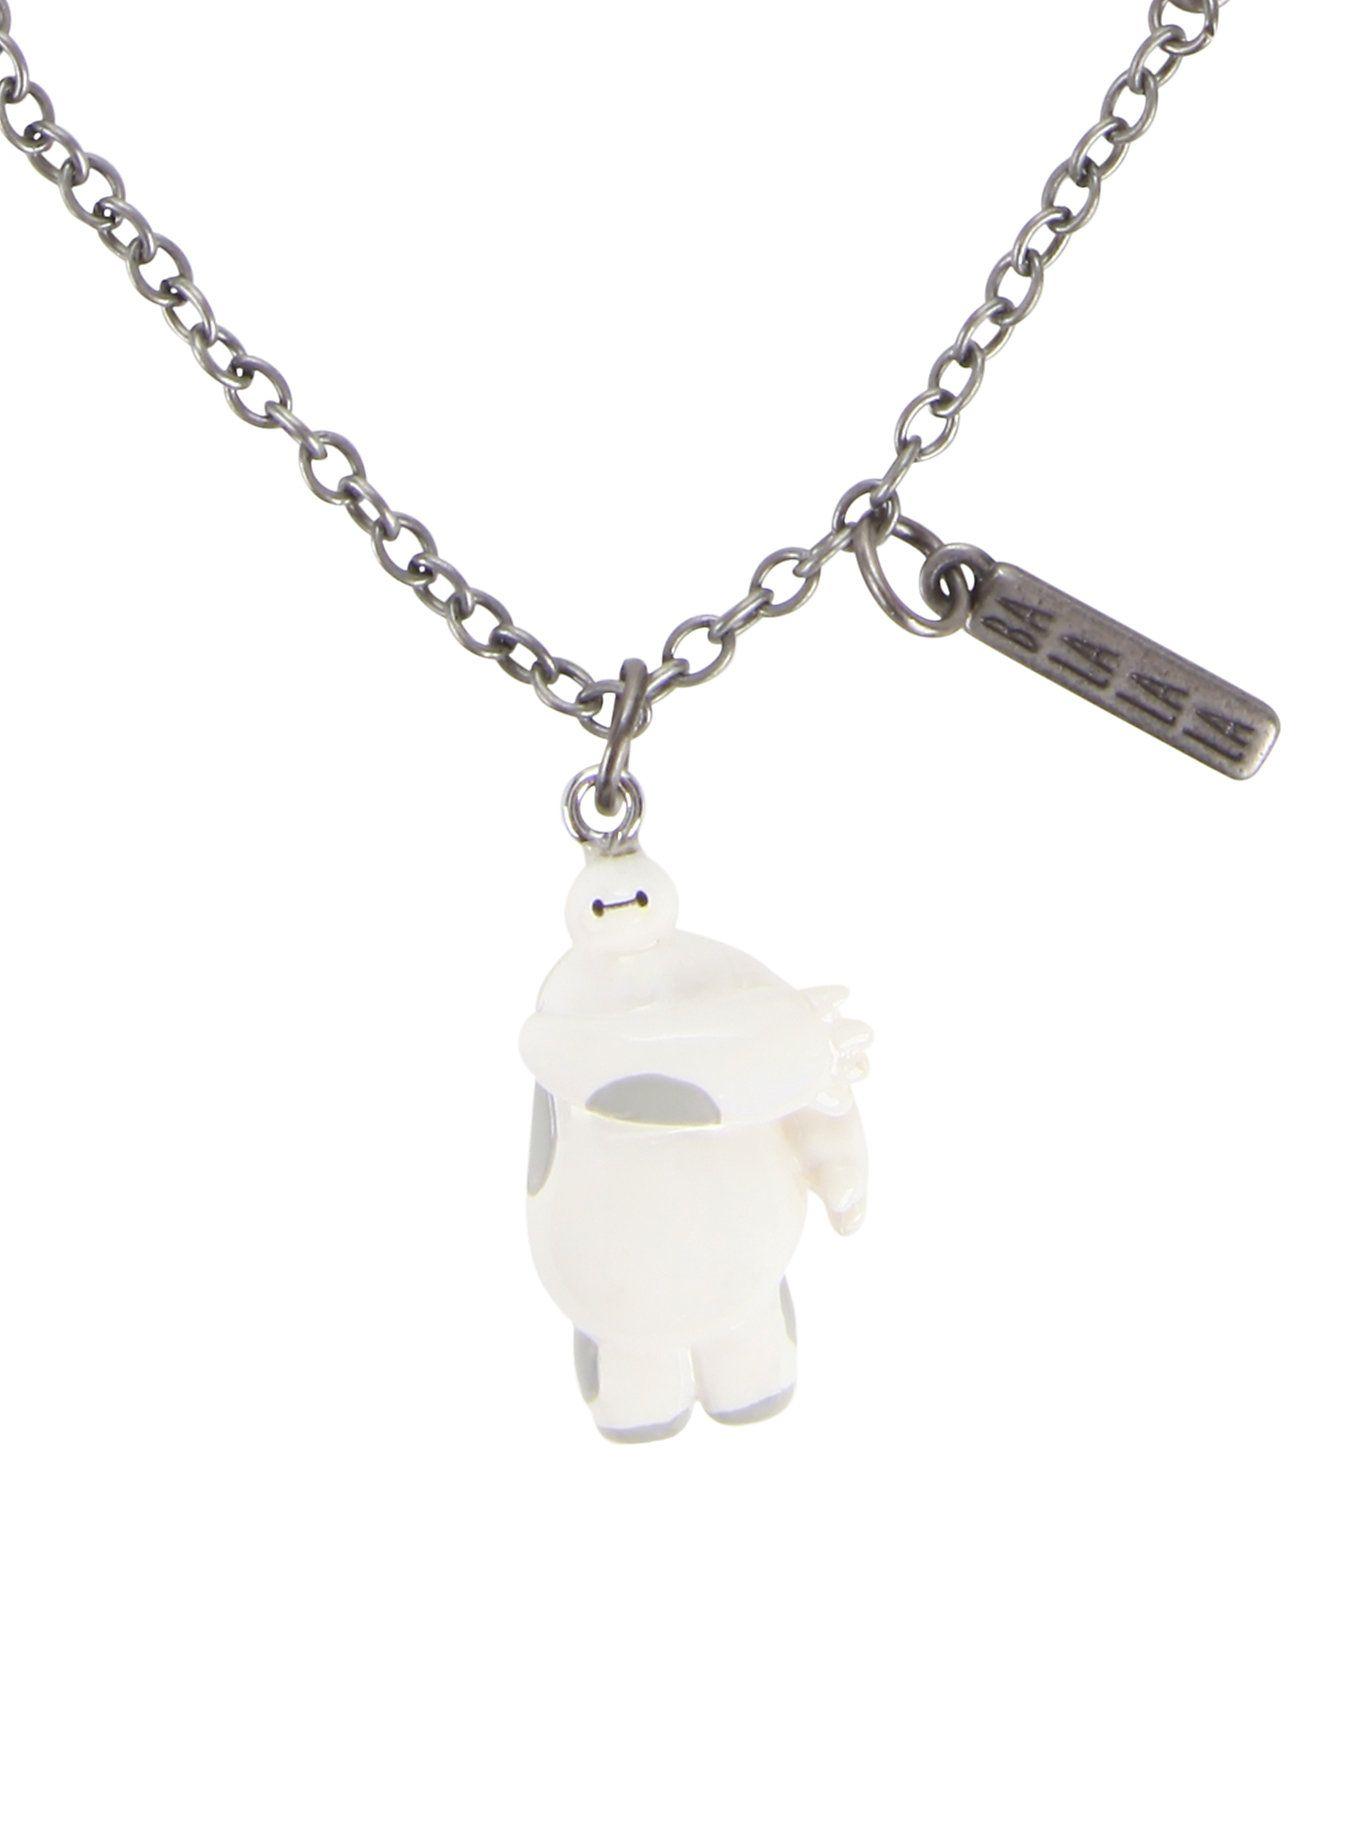 Jewelry bracelets earrings u necklaces for guys u girls hot